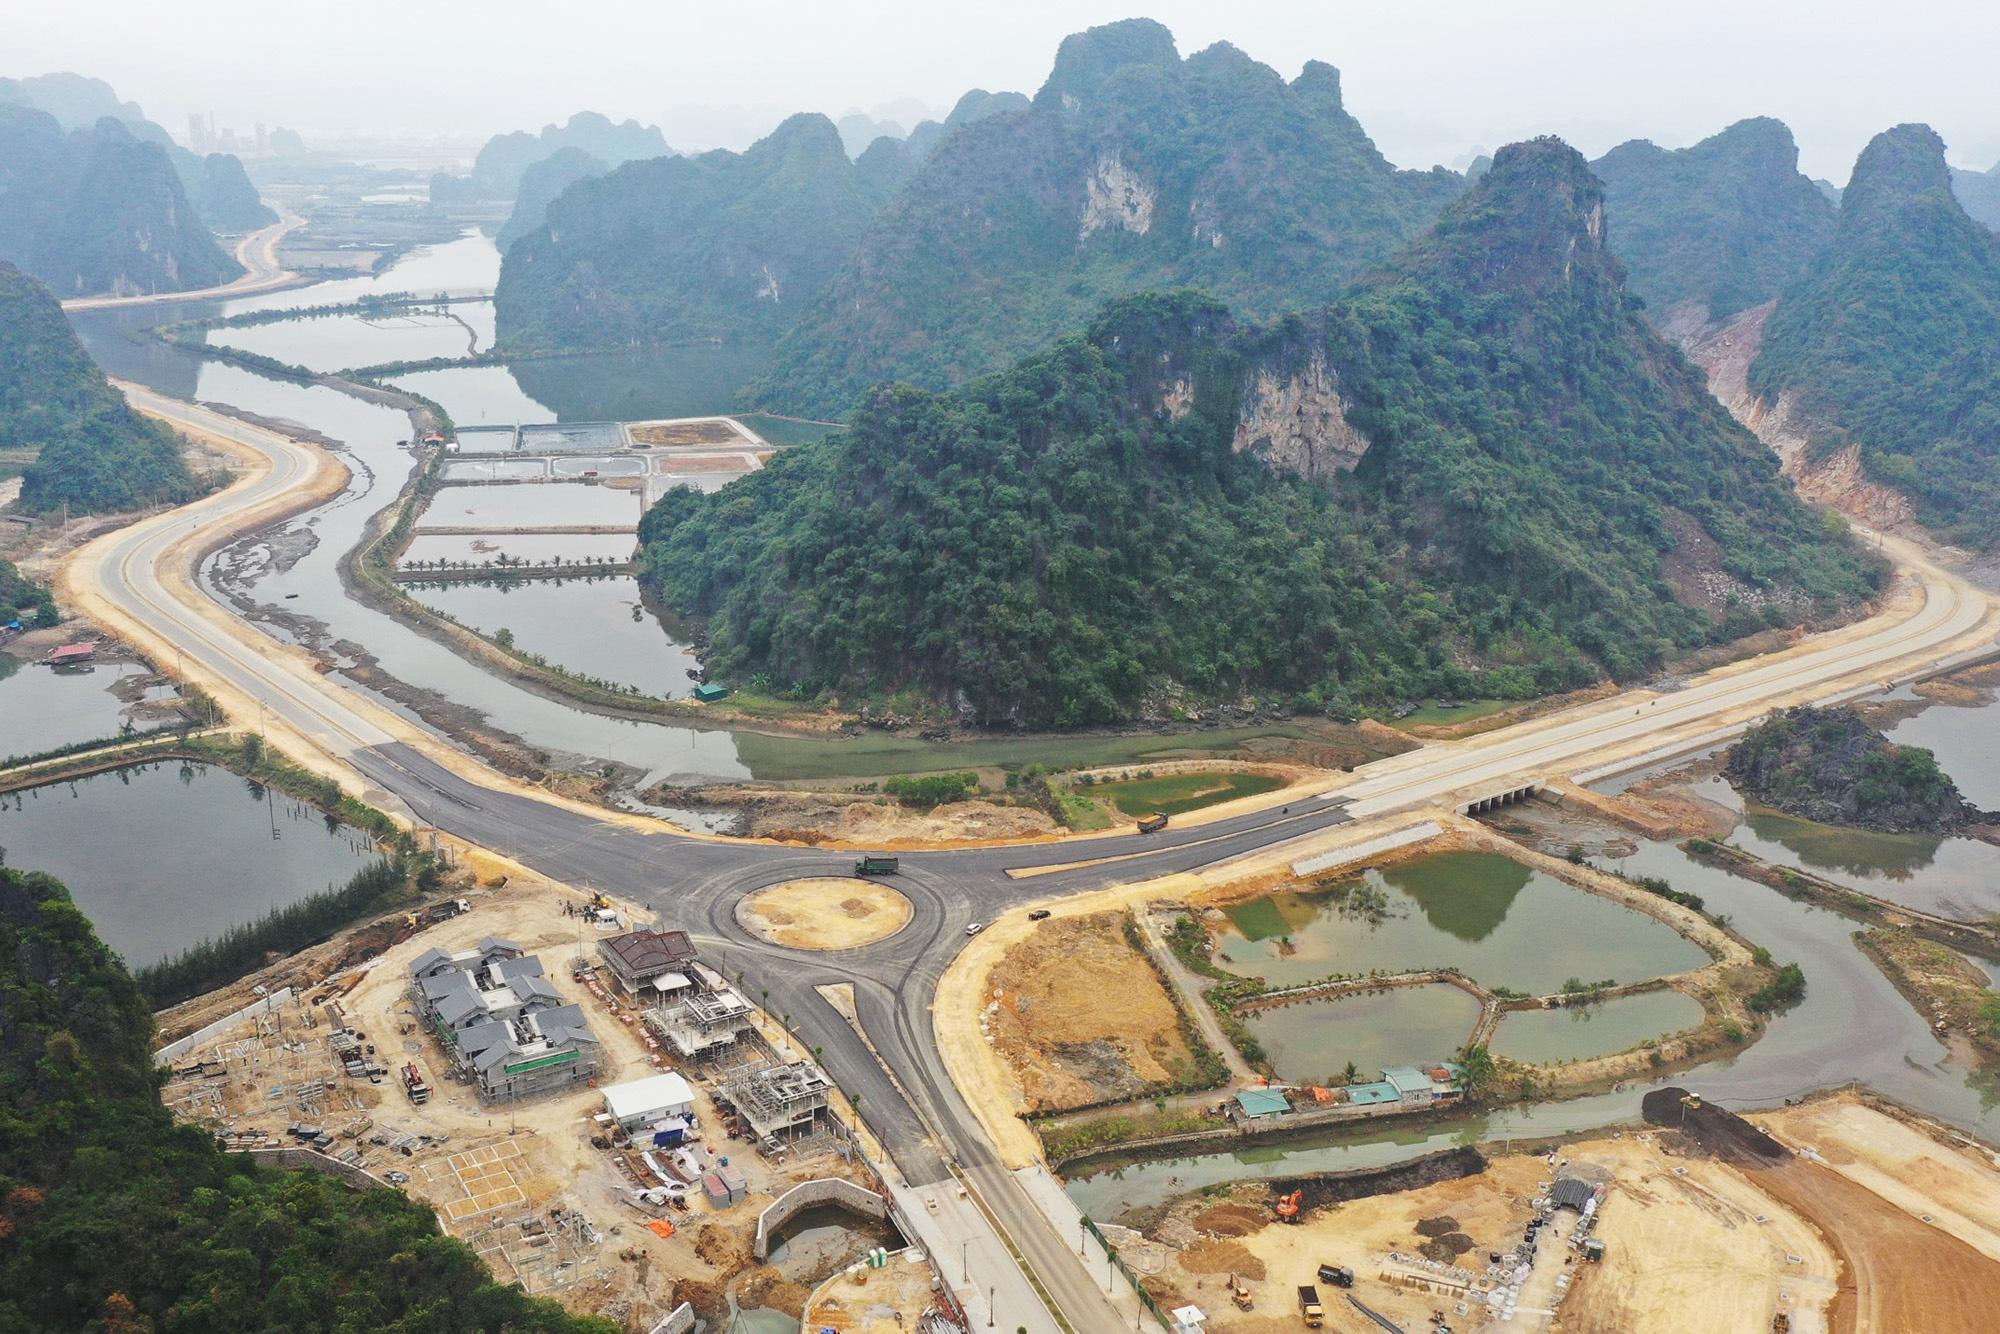 Chuẩn bị khoan đường hầm xuyên núi đá dự án đường bao biển Hạ Long - Cẩm Phả - Ảnh 1.